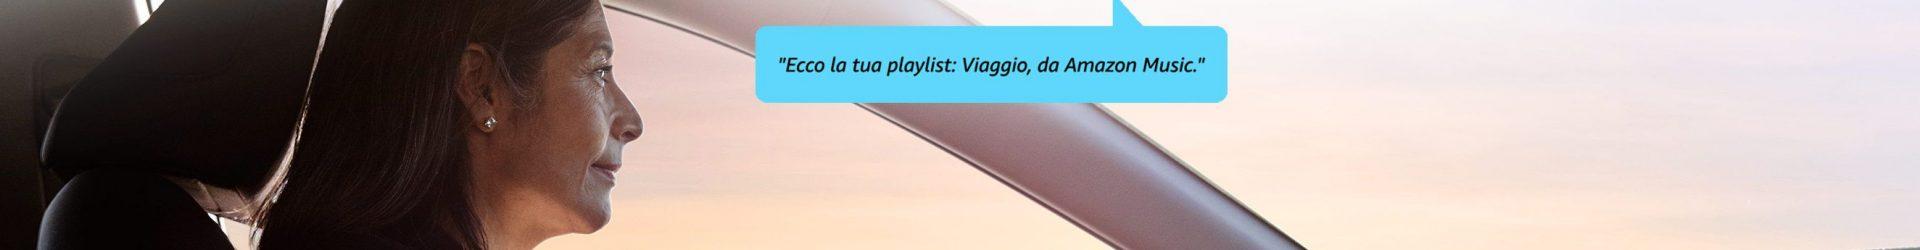 Echo Auto arriva in Italia: ora potrai avere Alexa anche nella tua auto